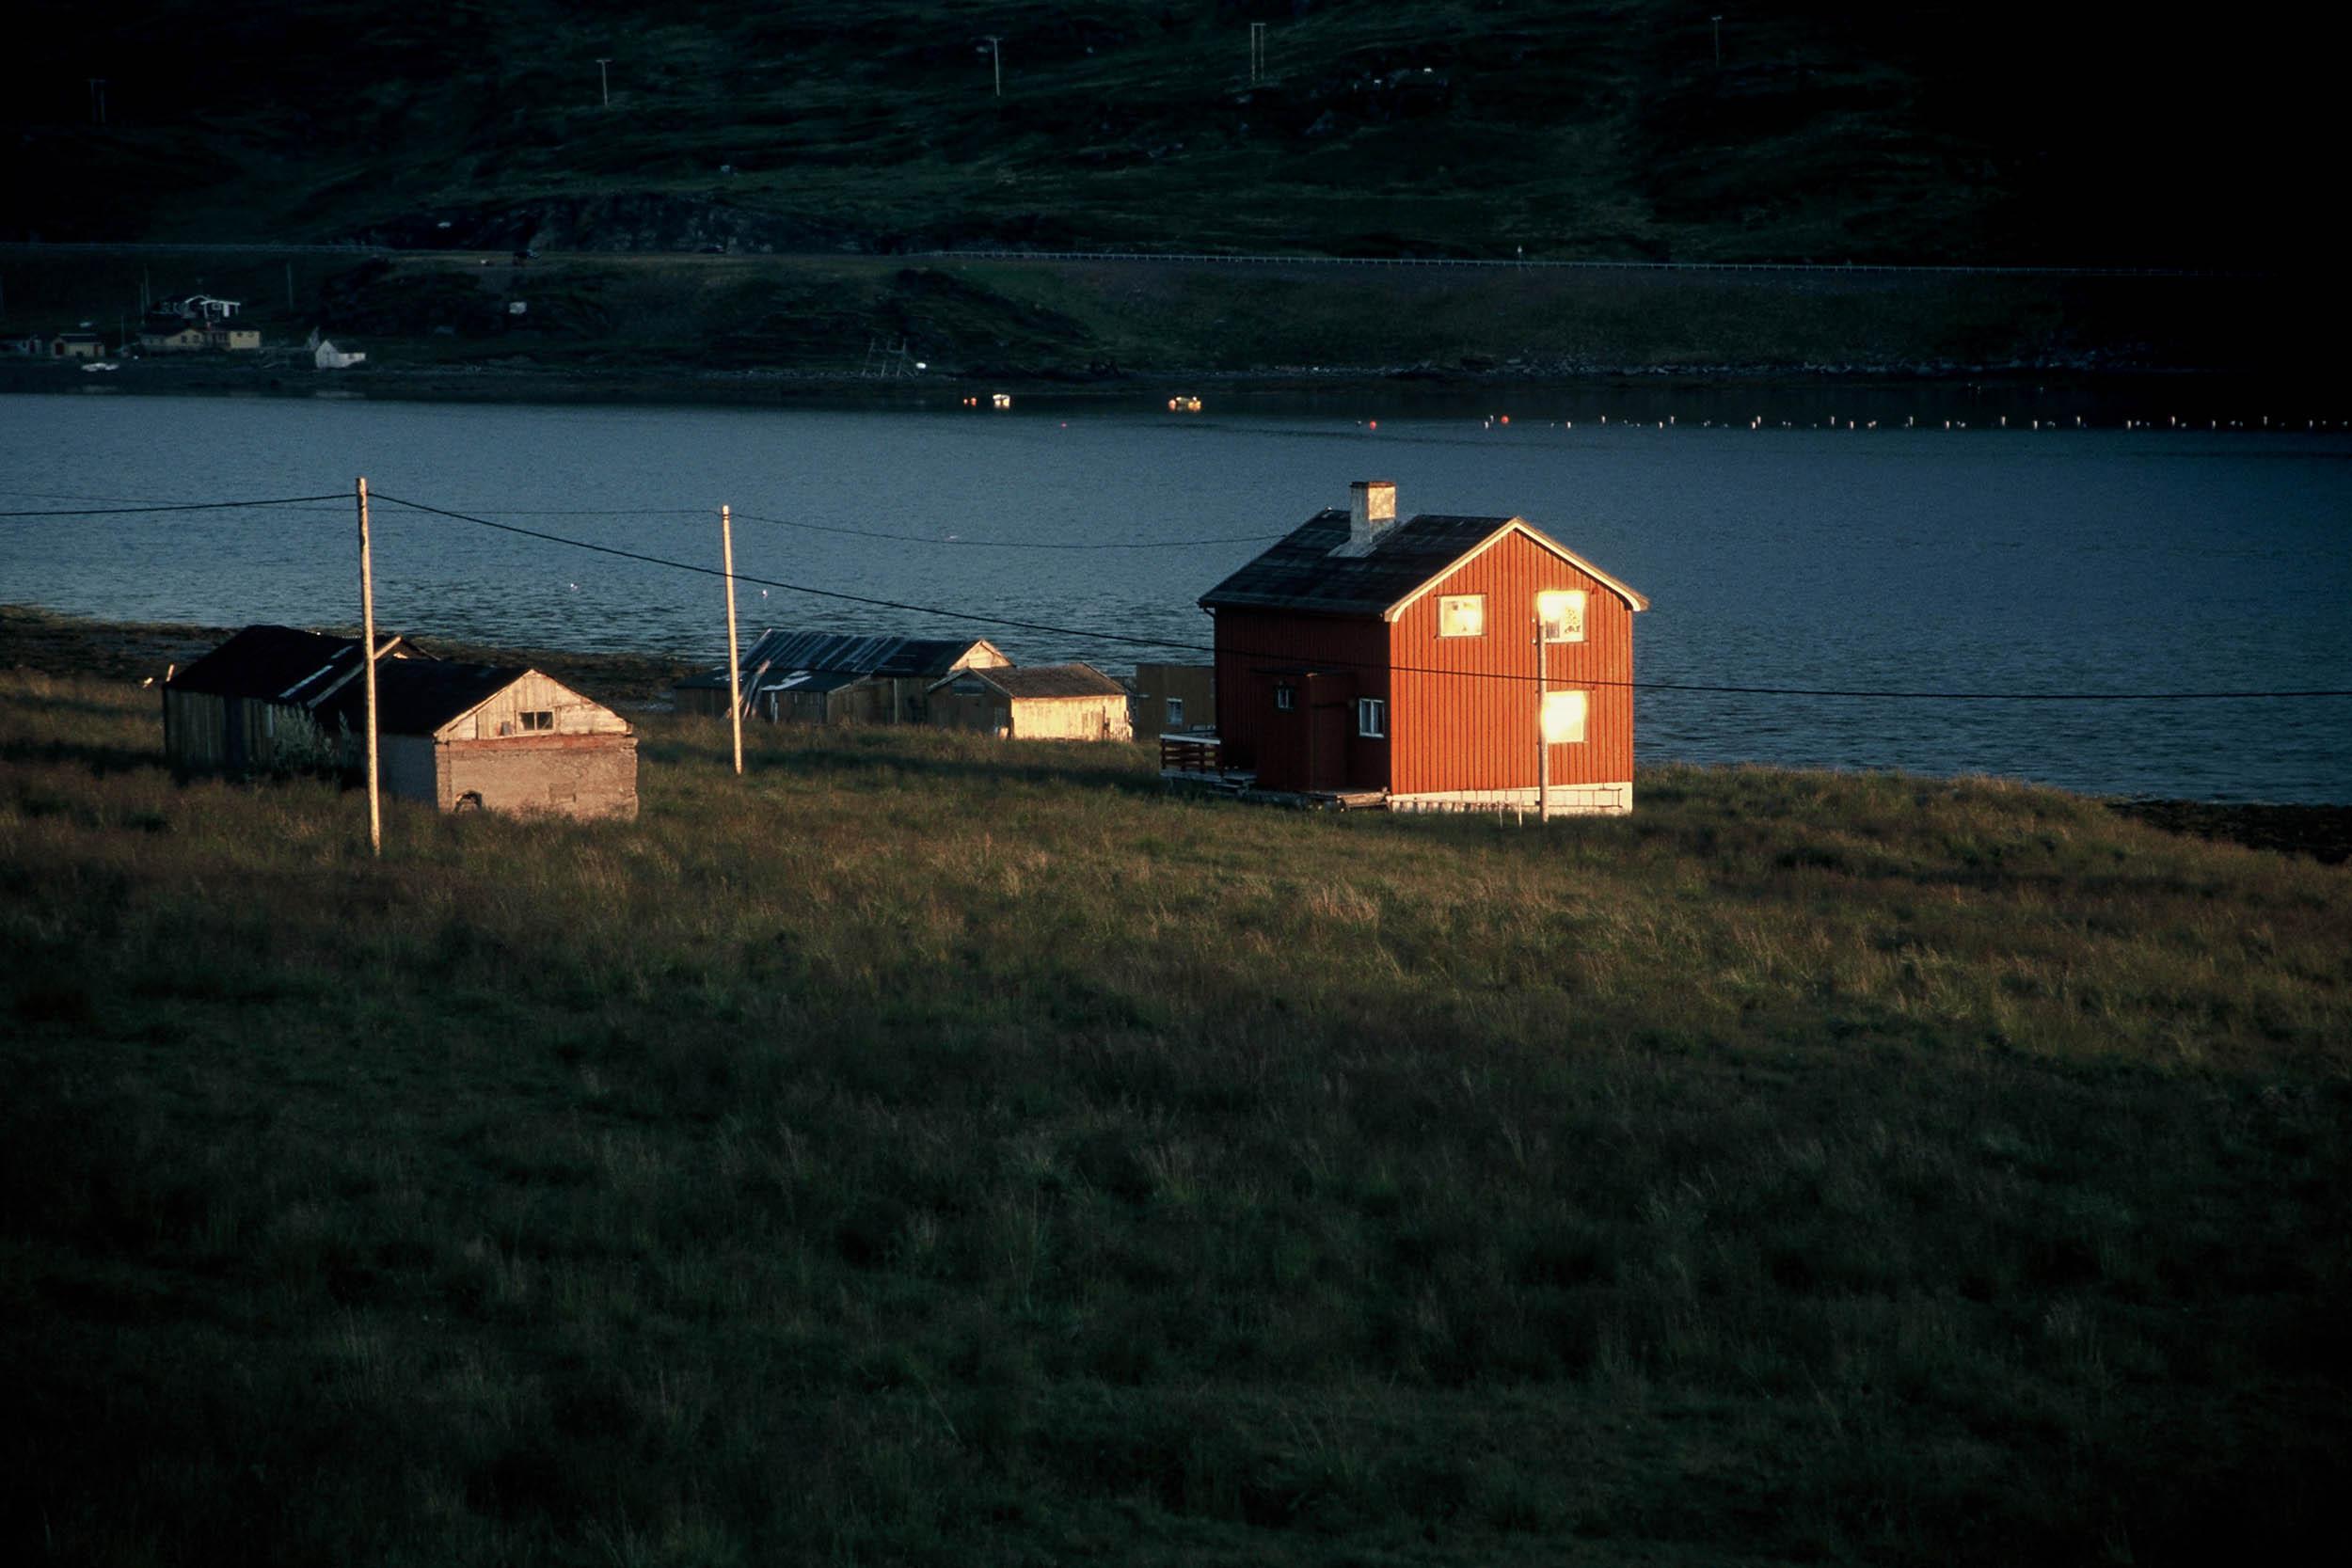 norwegen-haeuser-lichtstrahl